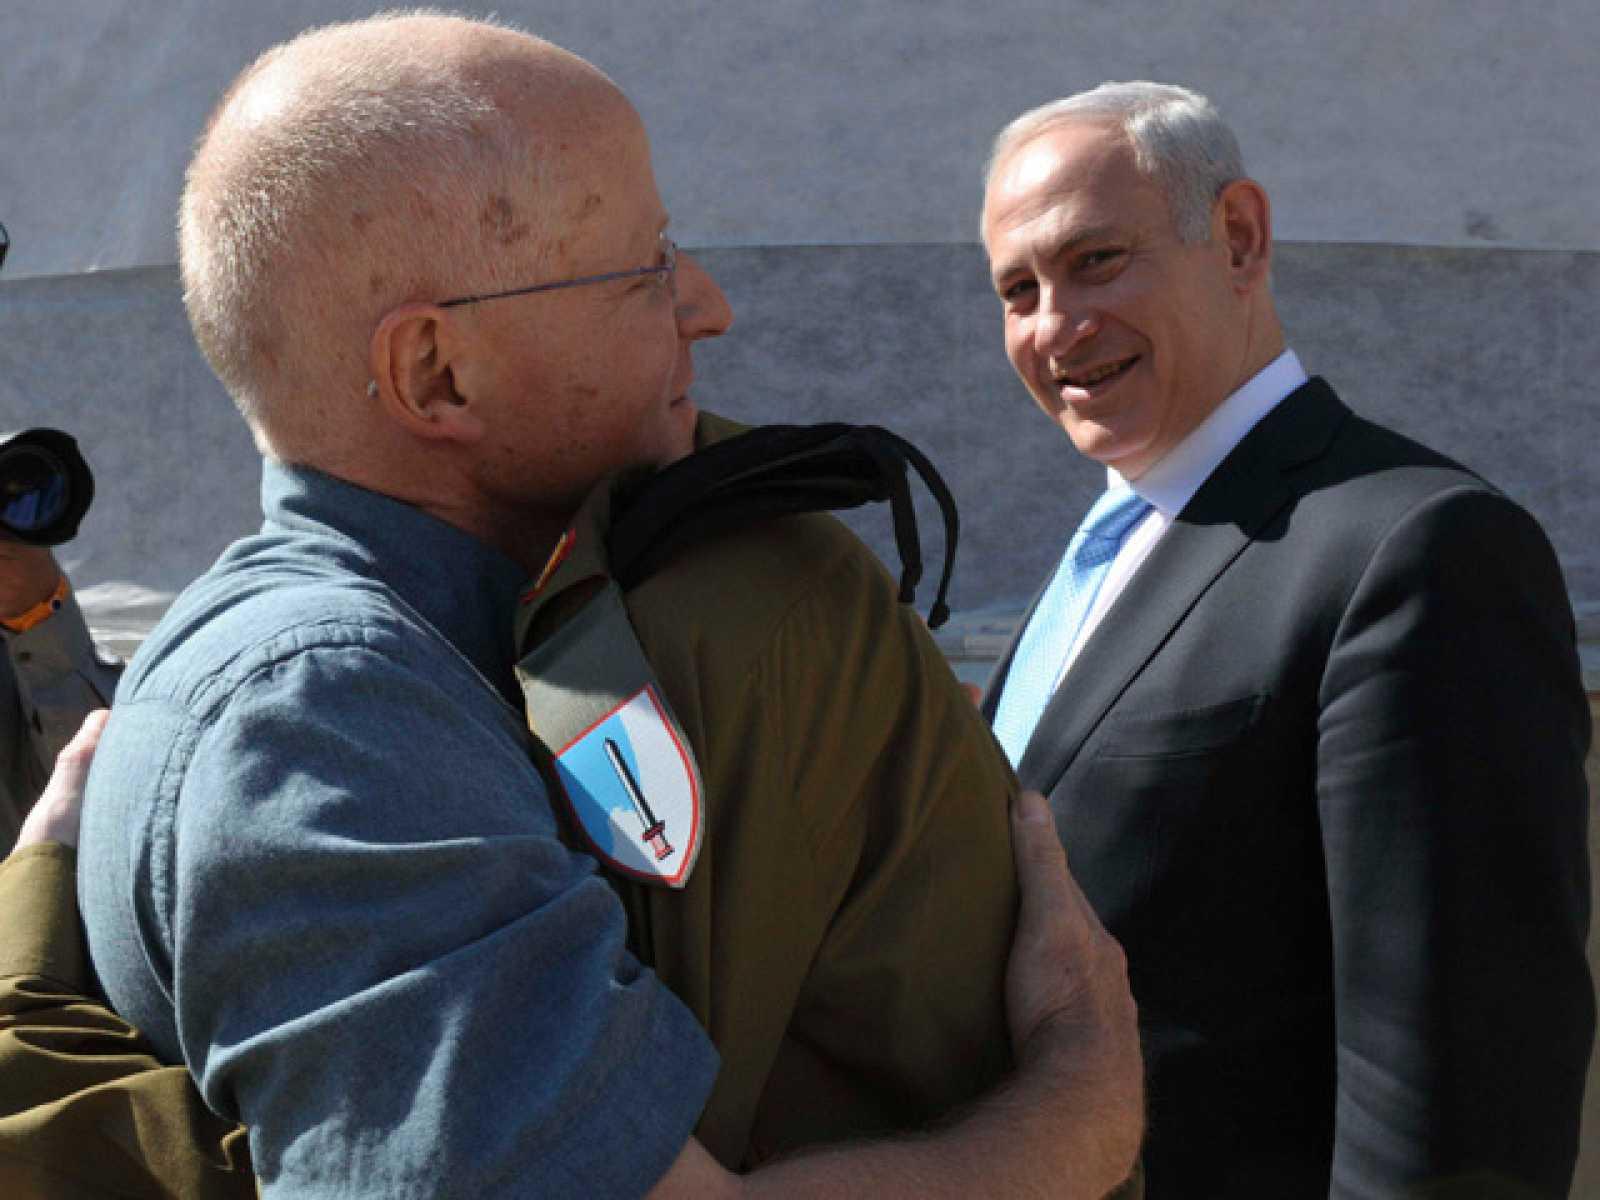 El soldado Shalit ha sido entrevistado por la televisión egipcia tras ser liberado por Hamás. Ha asegurado que espera que el acuerdo para su liberación lleve a una paz entre palestinos e israelíes.